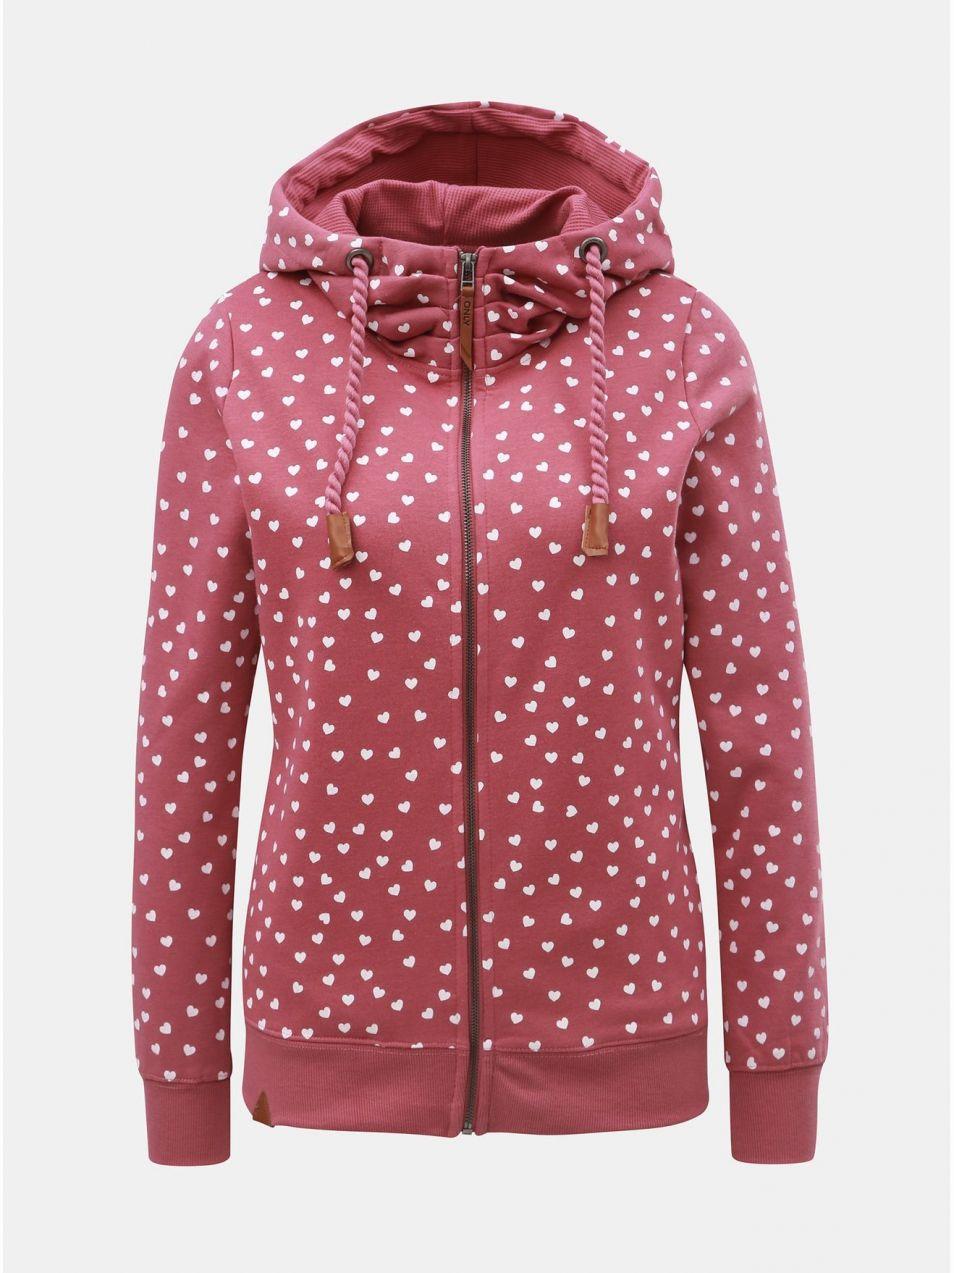 Ružová vzorovaná mikina s kapucňou ONLY Signe značky ONLY - Lovely.sk 81e116ea4ae